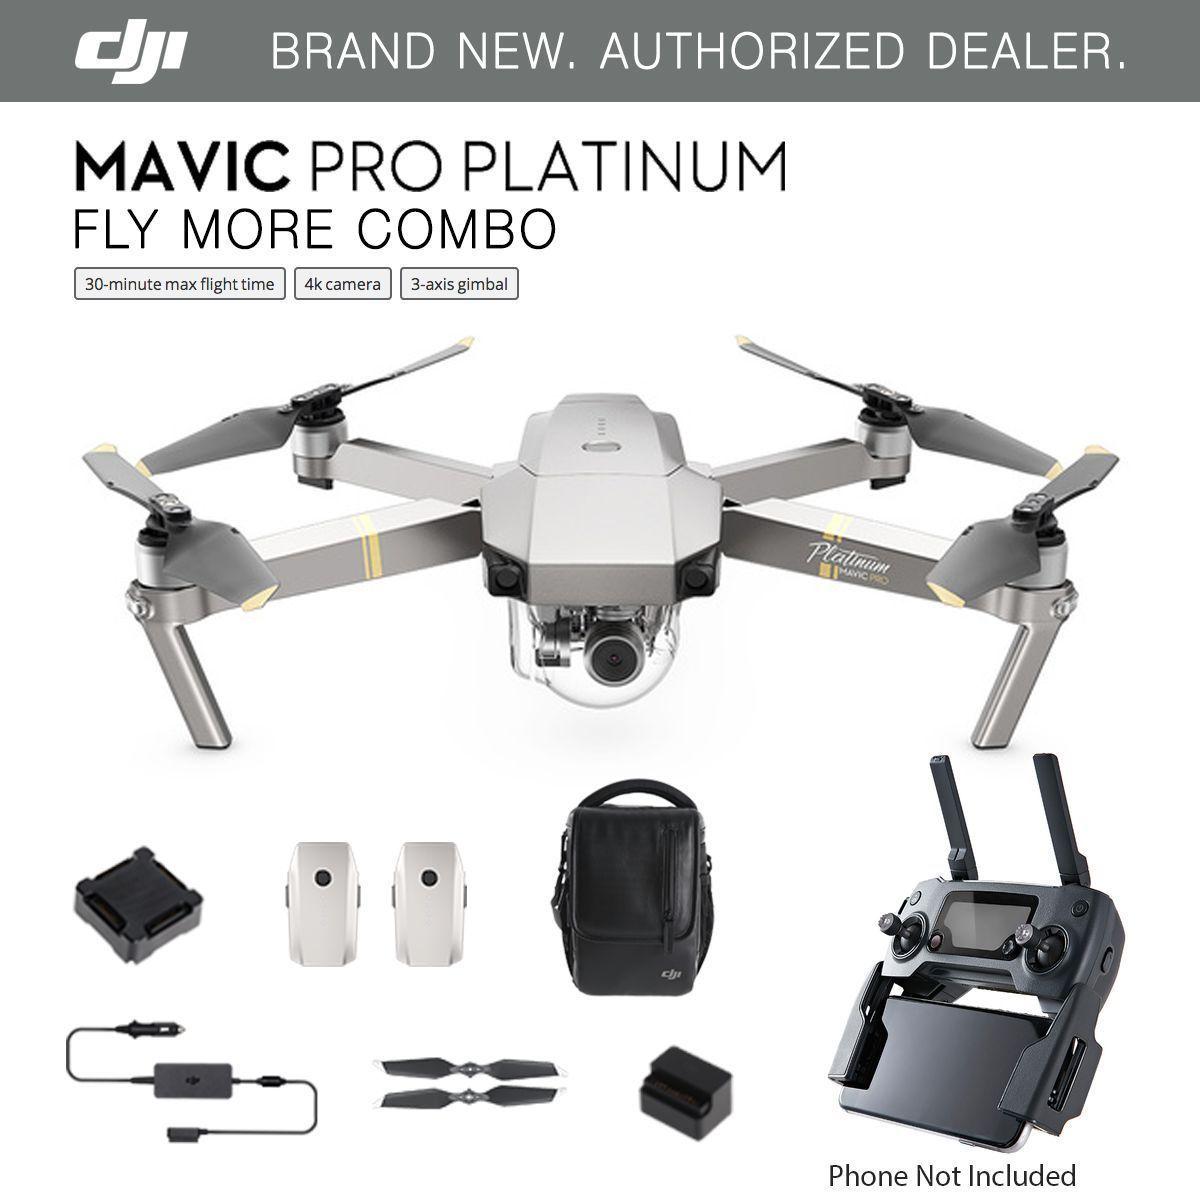 Dji Mavic Pro Platinum Fly More Combo Drone 4k Stabilized Camera Activetrack Ebay Mavic Pro Dji Mavic Pro Mavic